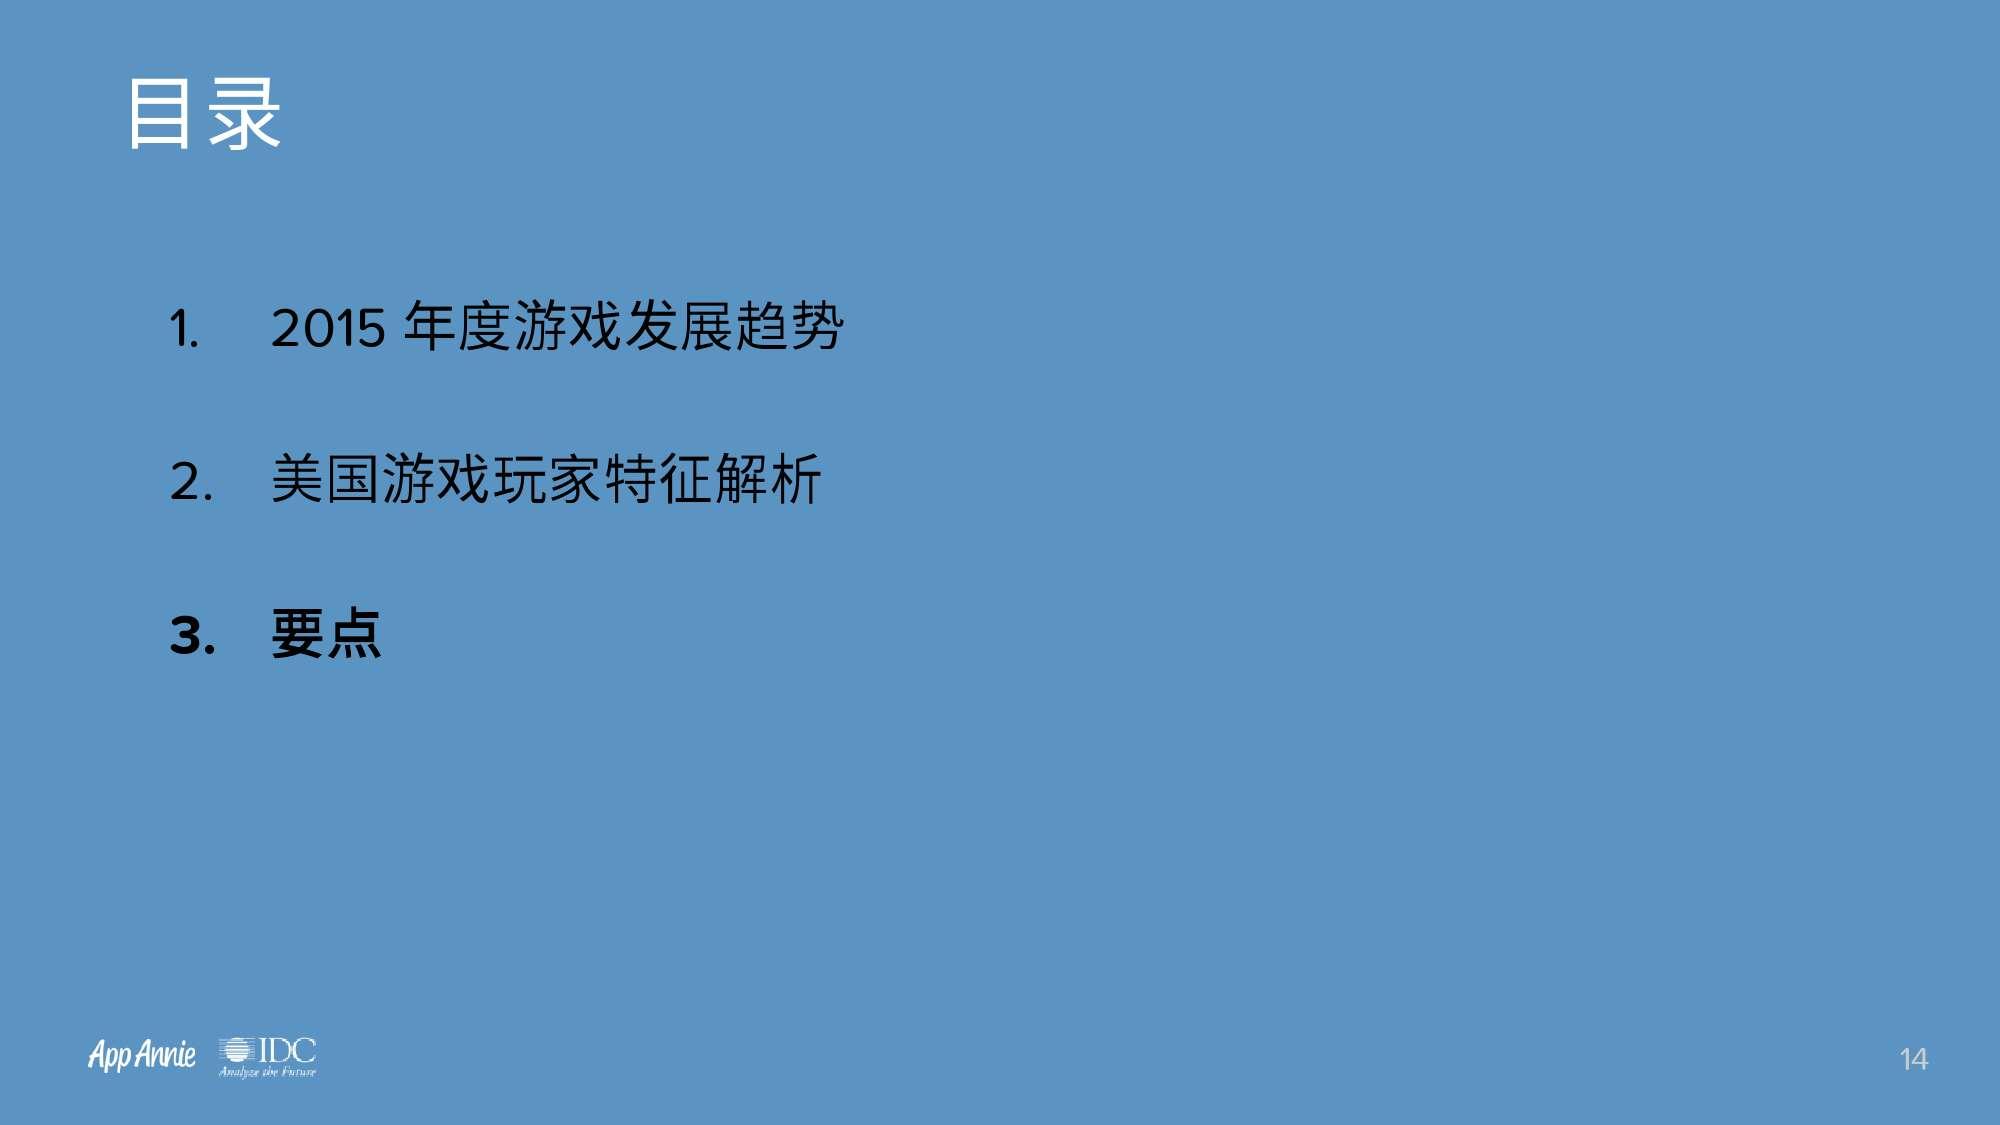 2015 年度回顾:聚焦游戏_000014